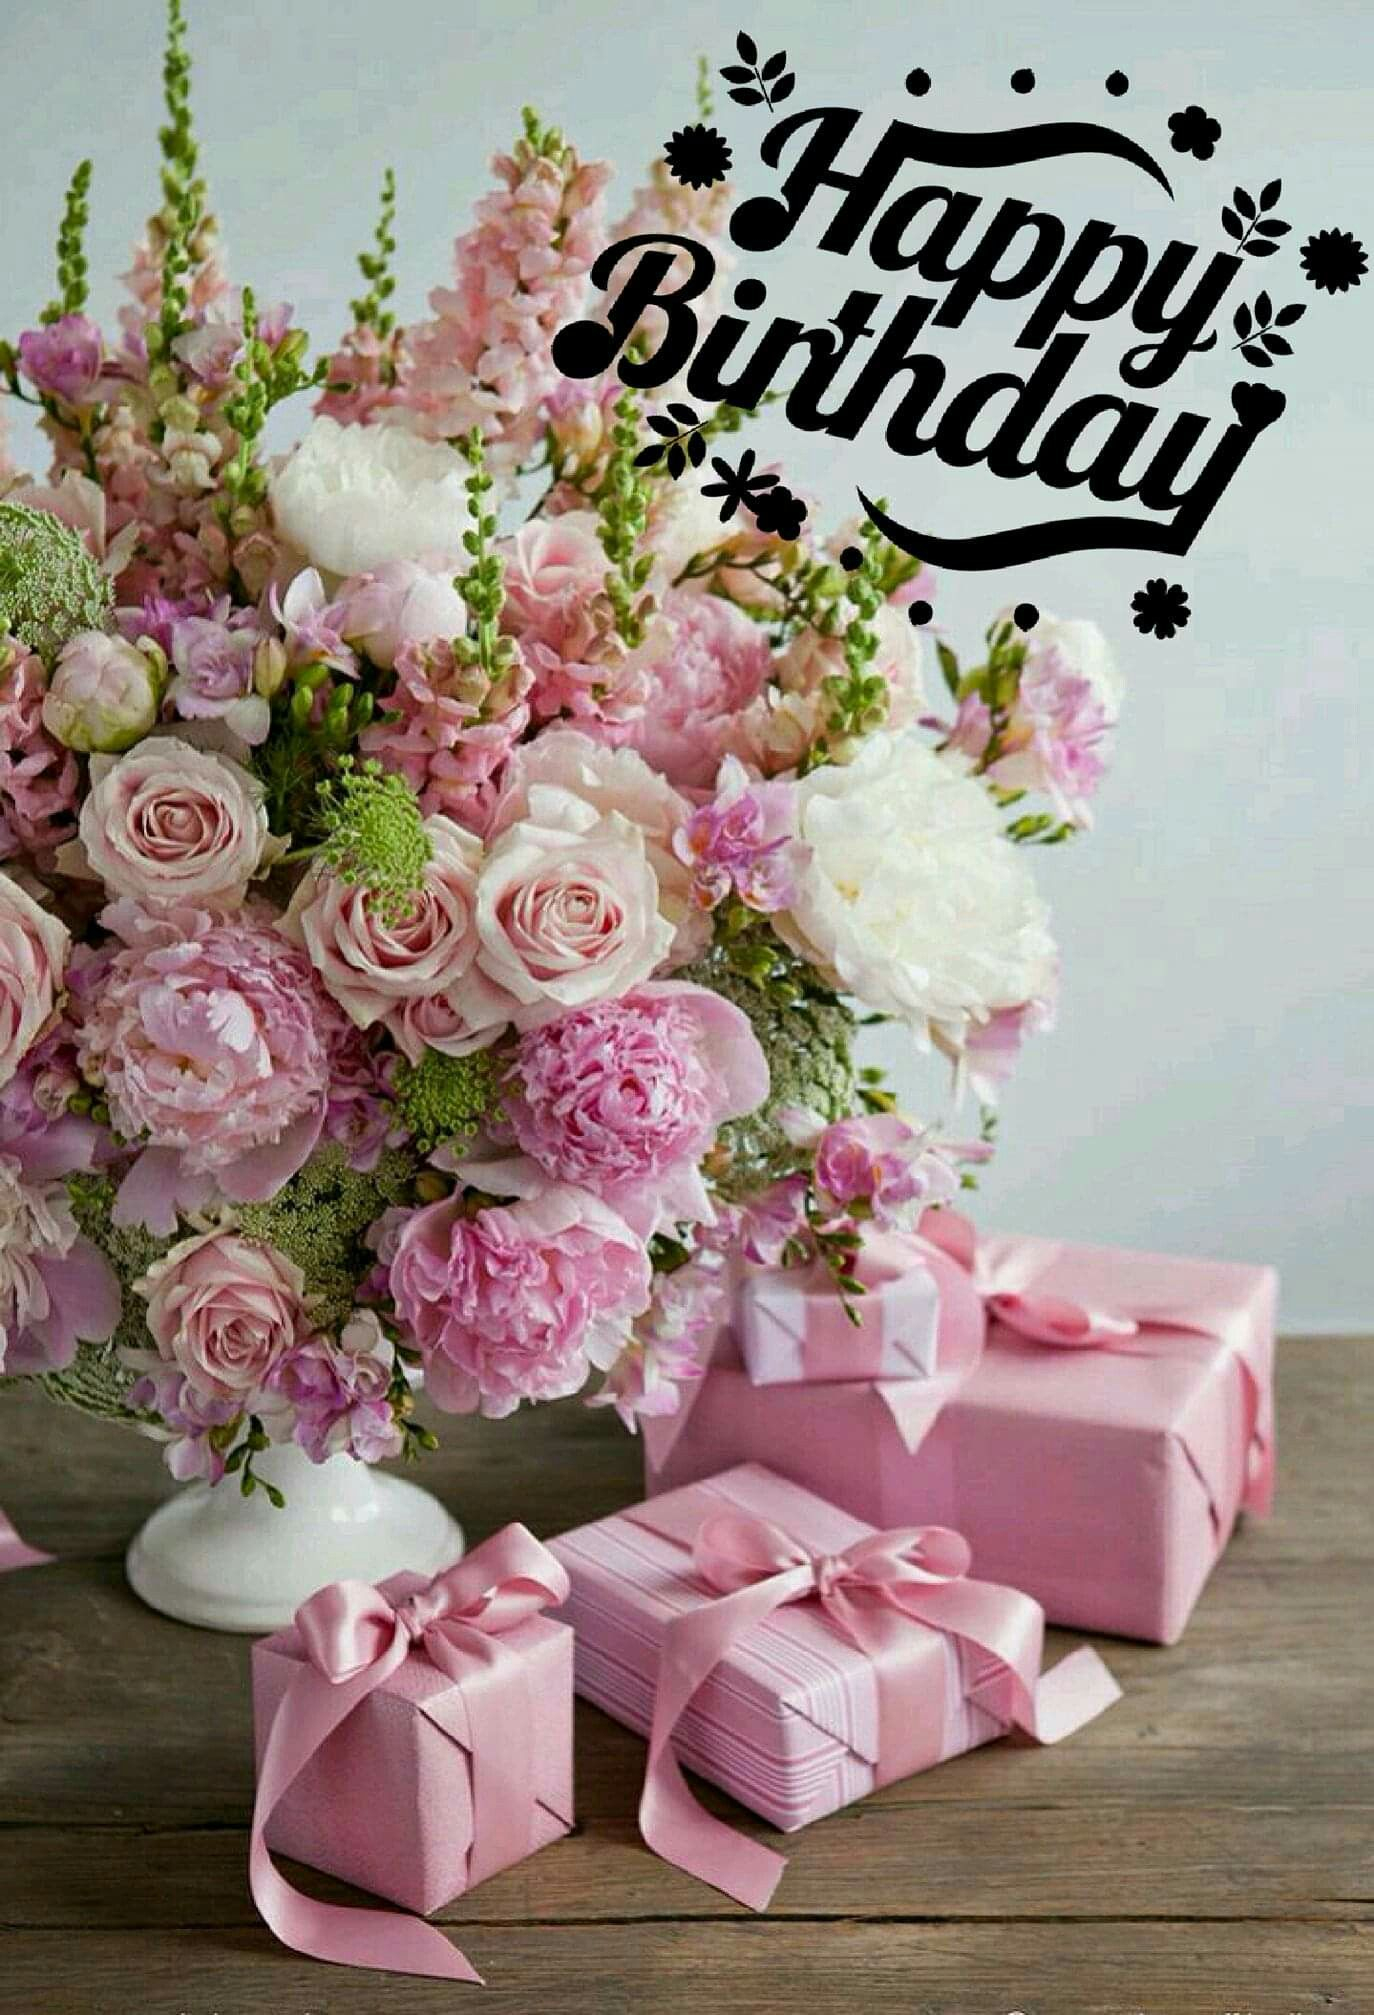 Pin Von Ludmila Lorenz Auf Fotografie | Rosafarbene Blüten ganzes Blumenbilder Zum Geburtstag